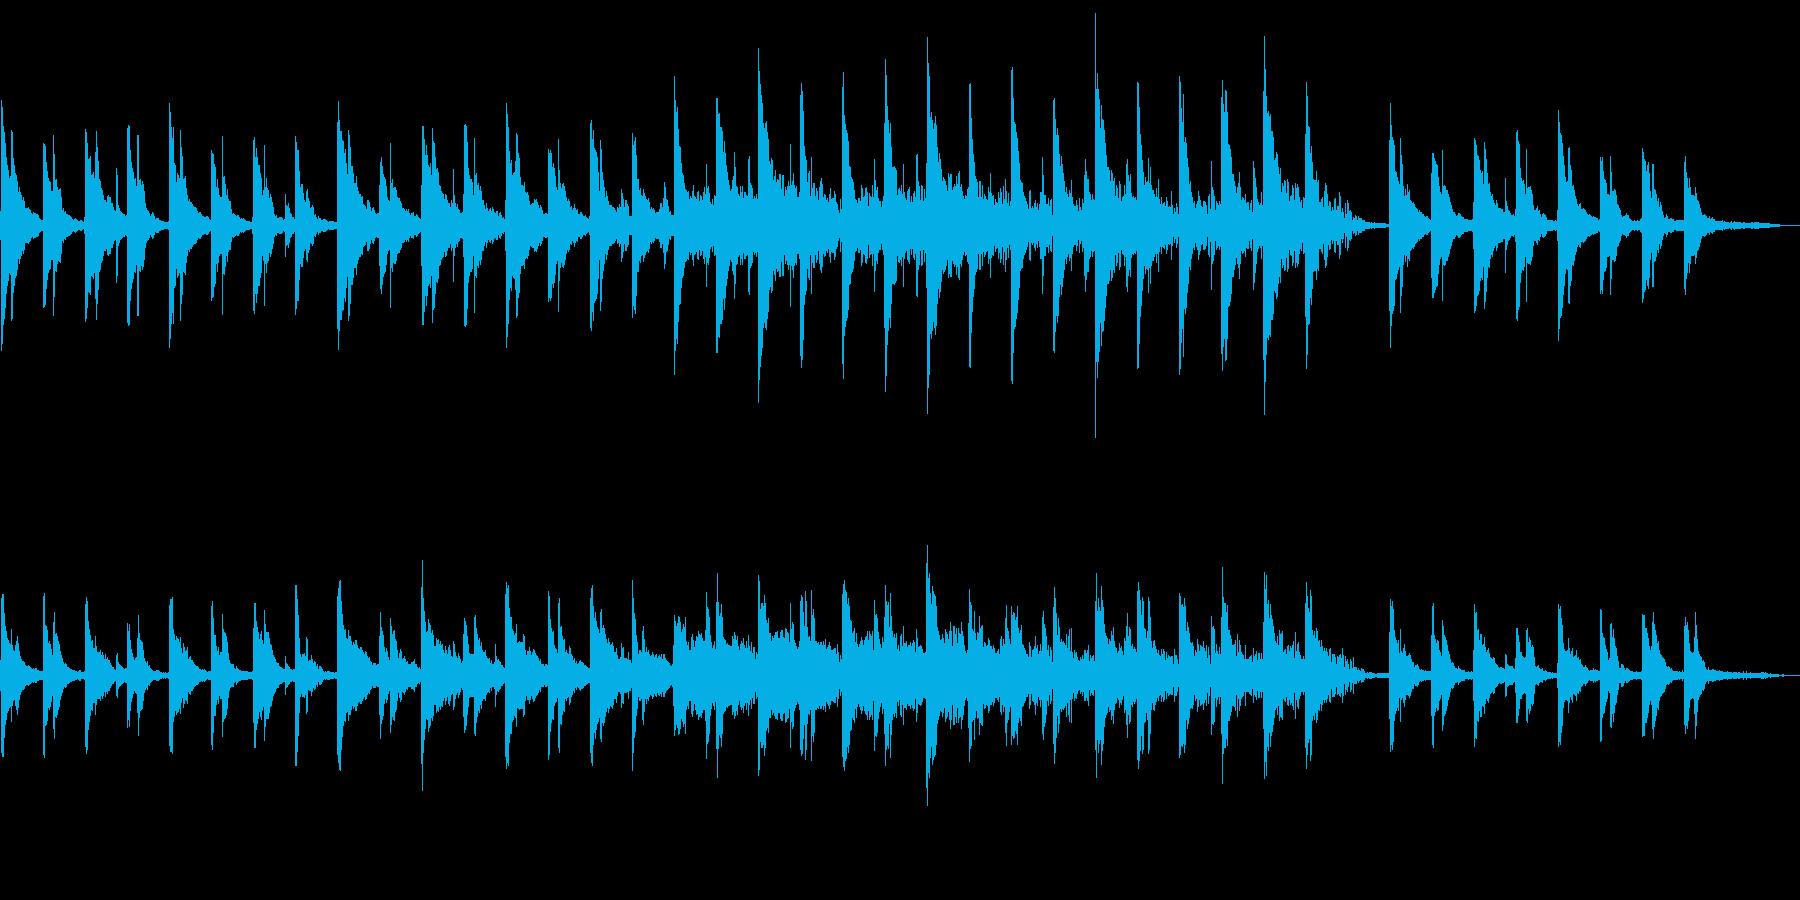 静かで沁みるコーポレート向けピアノの再生済みの波形